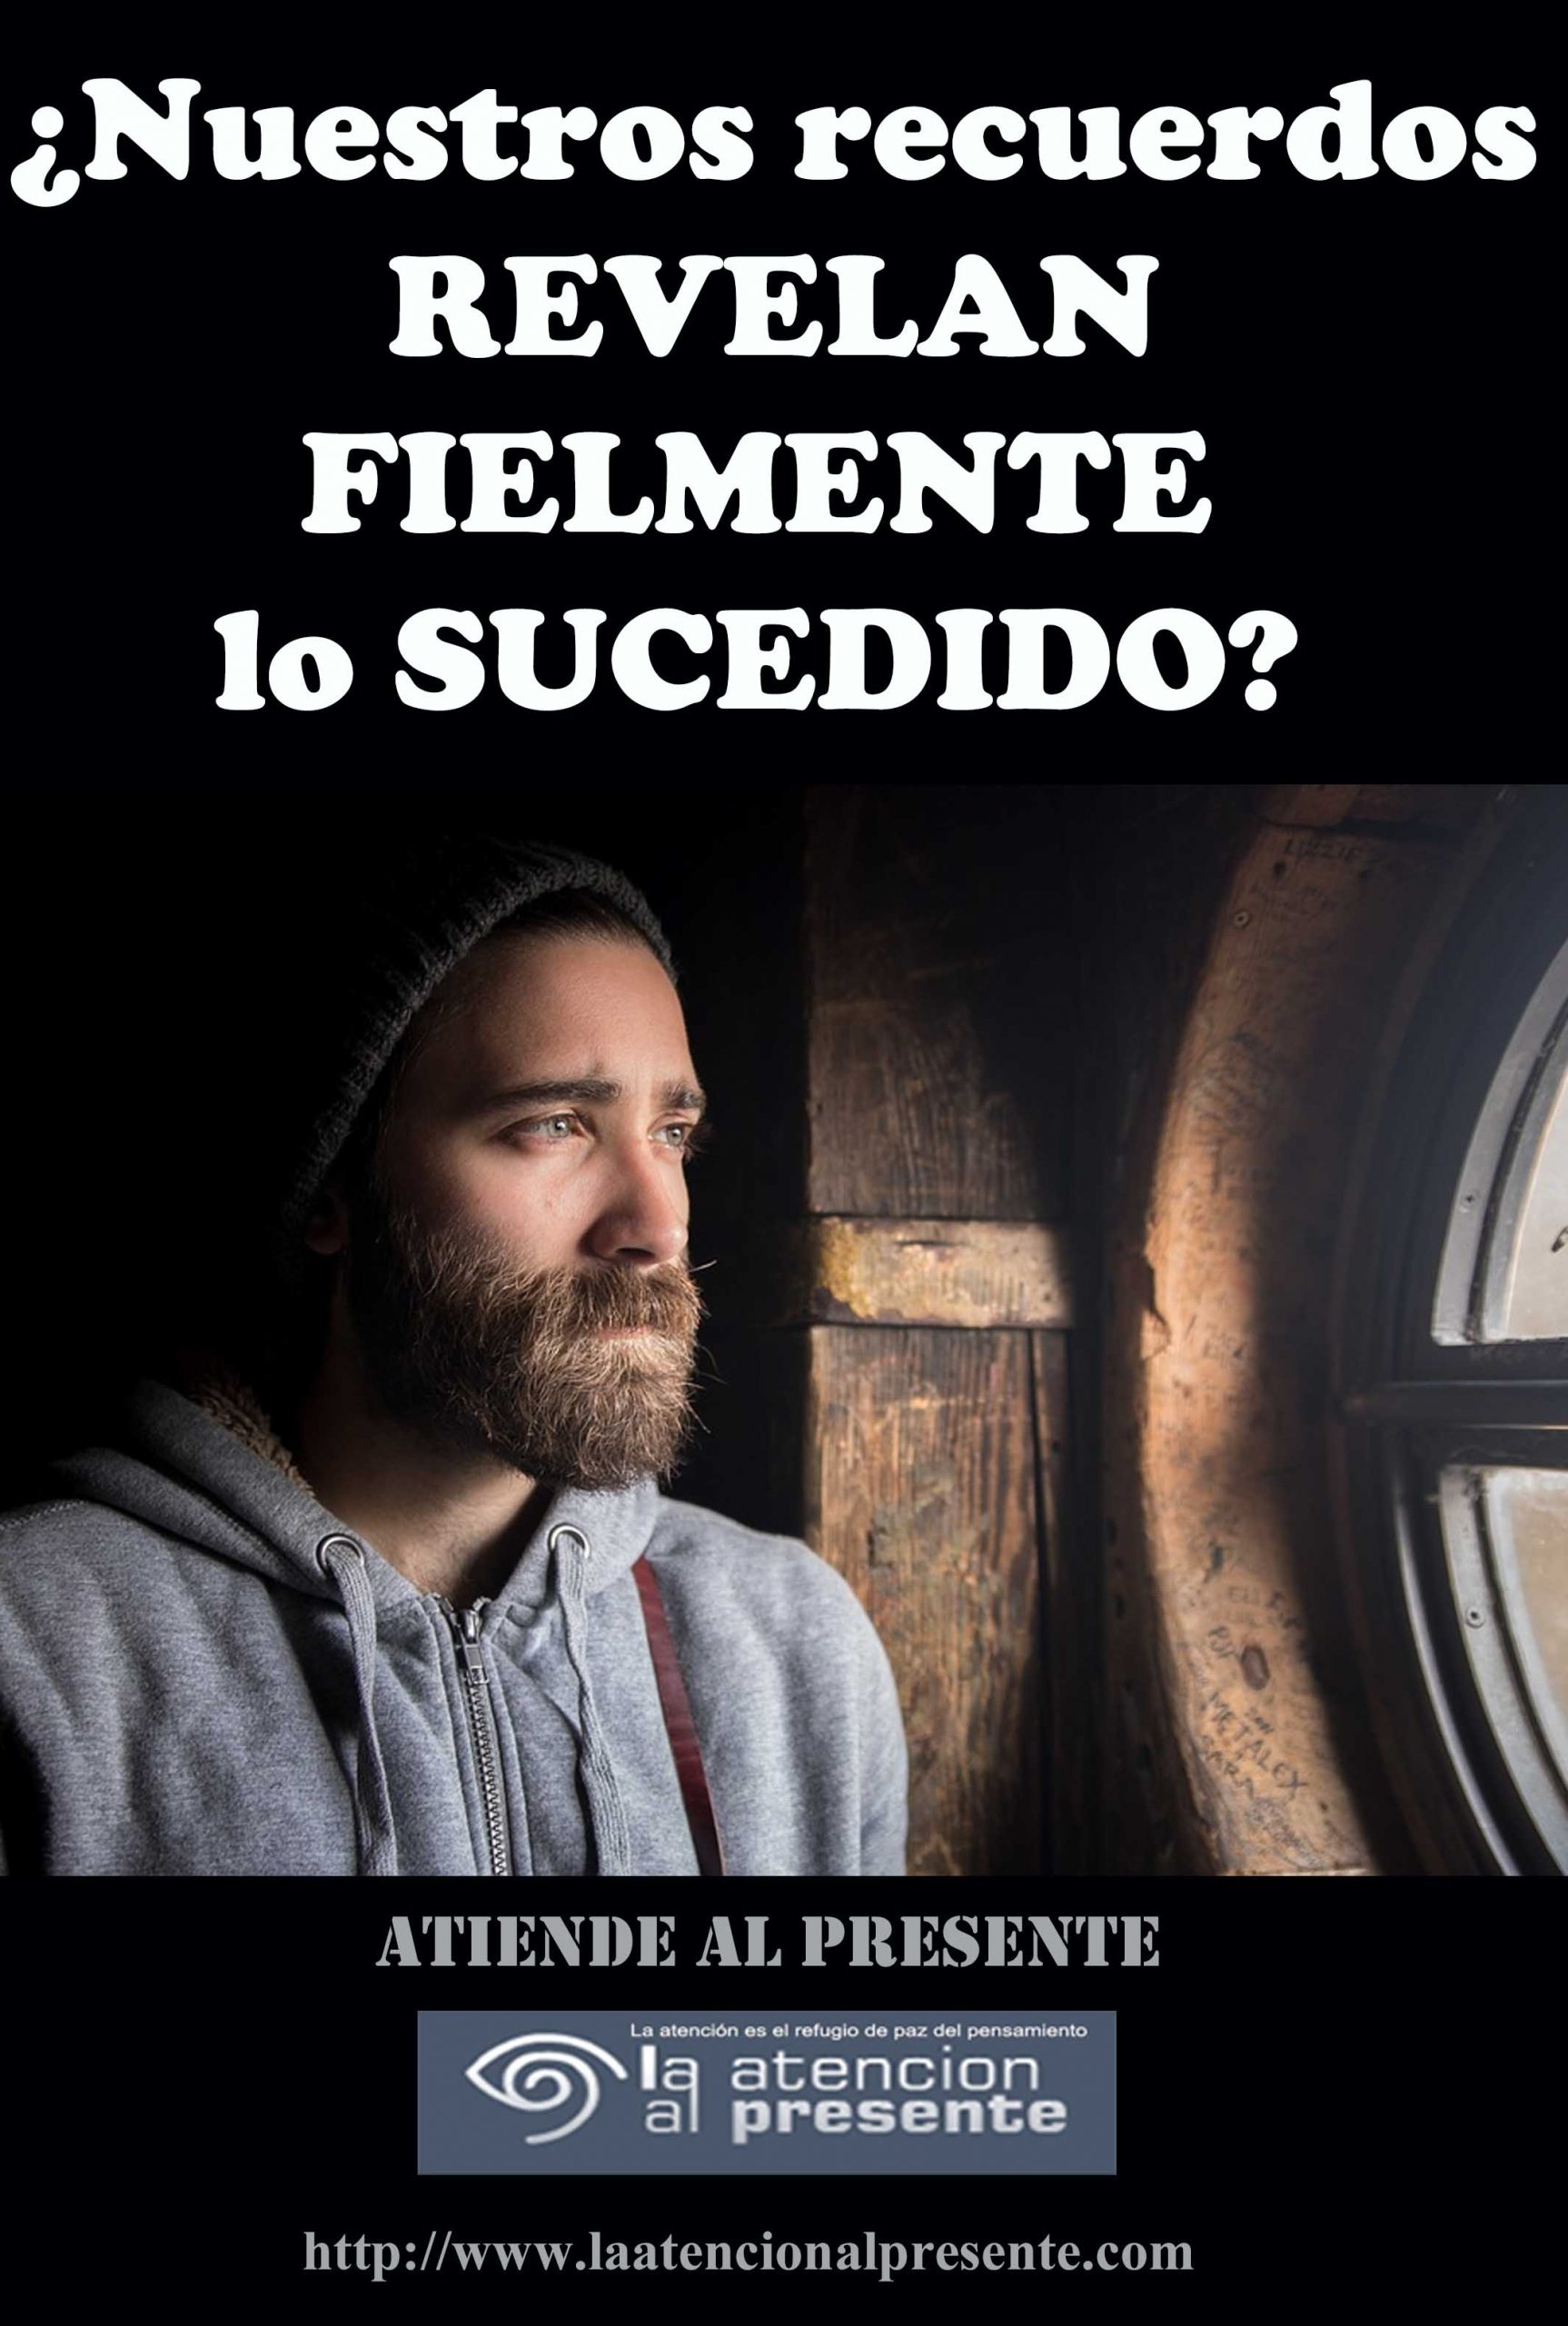 10 de junio Esteban Nuestros recuerdos REVELAN FIELMENTE lo SUCEDIDO min scaled